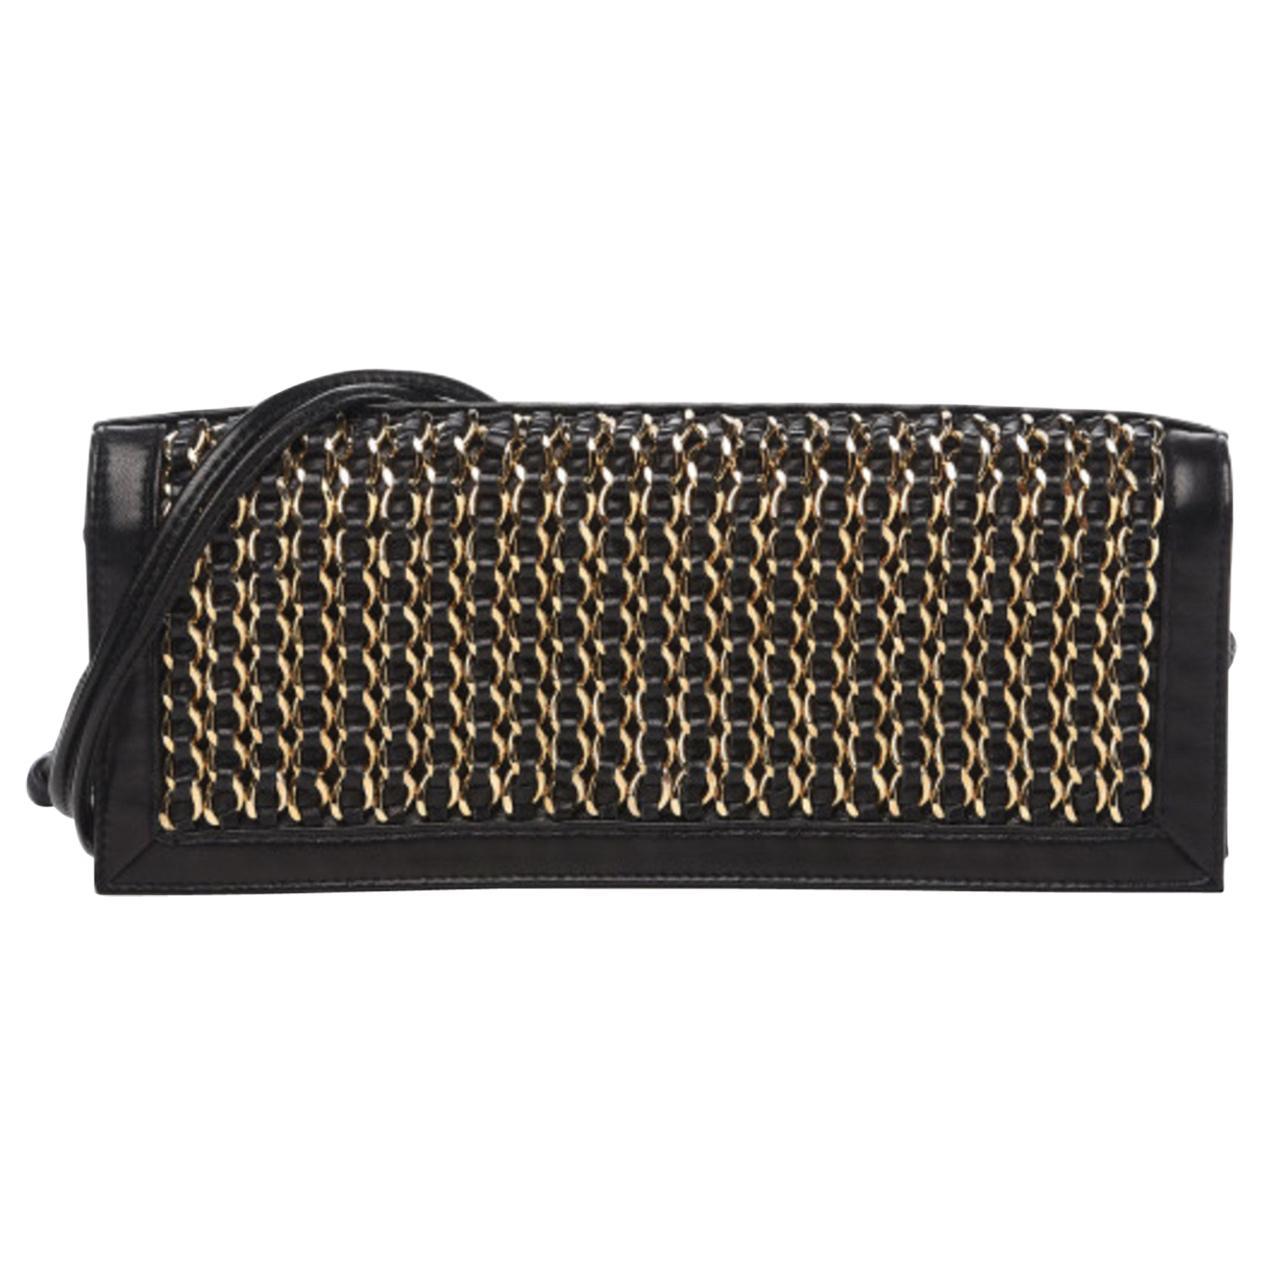 Chanel Vintage Black Lambskin Chain Embellished Clutch Flap Bag